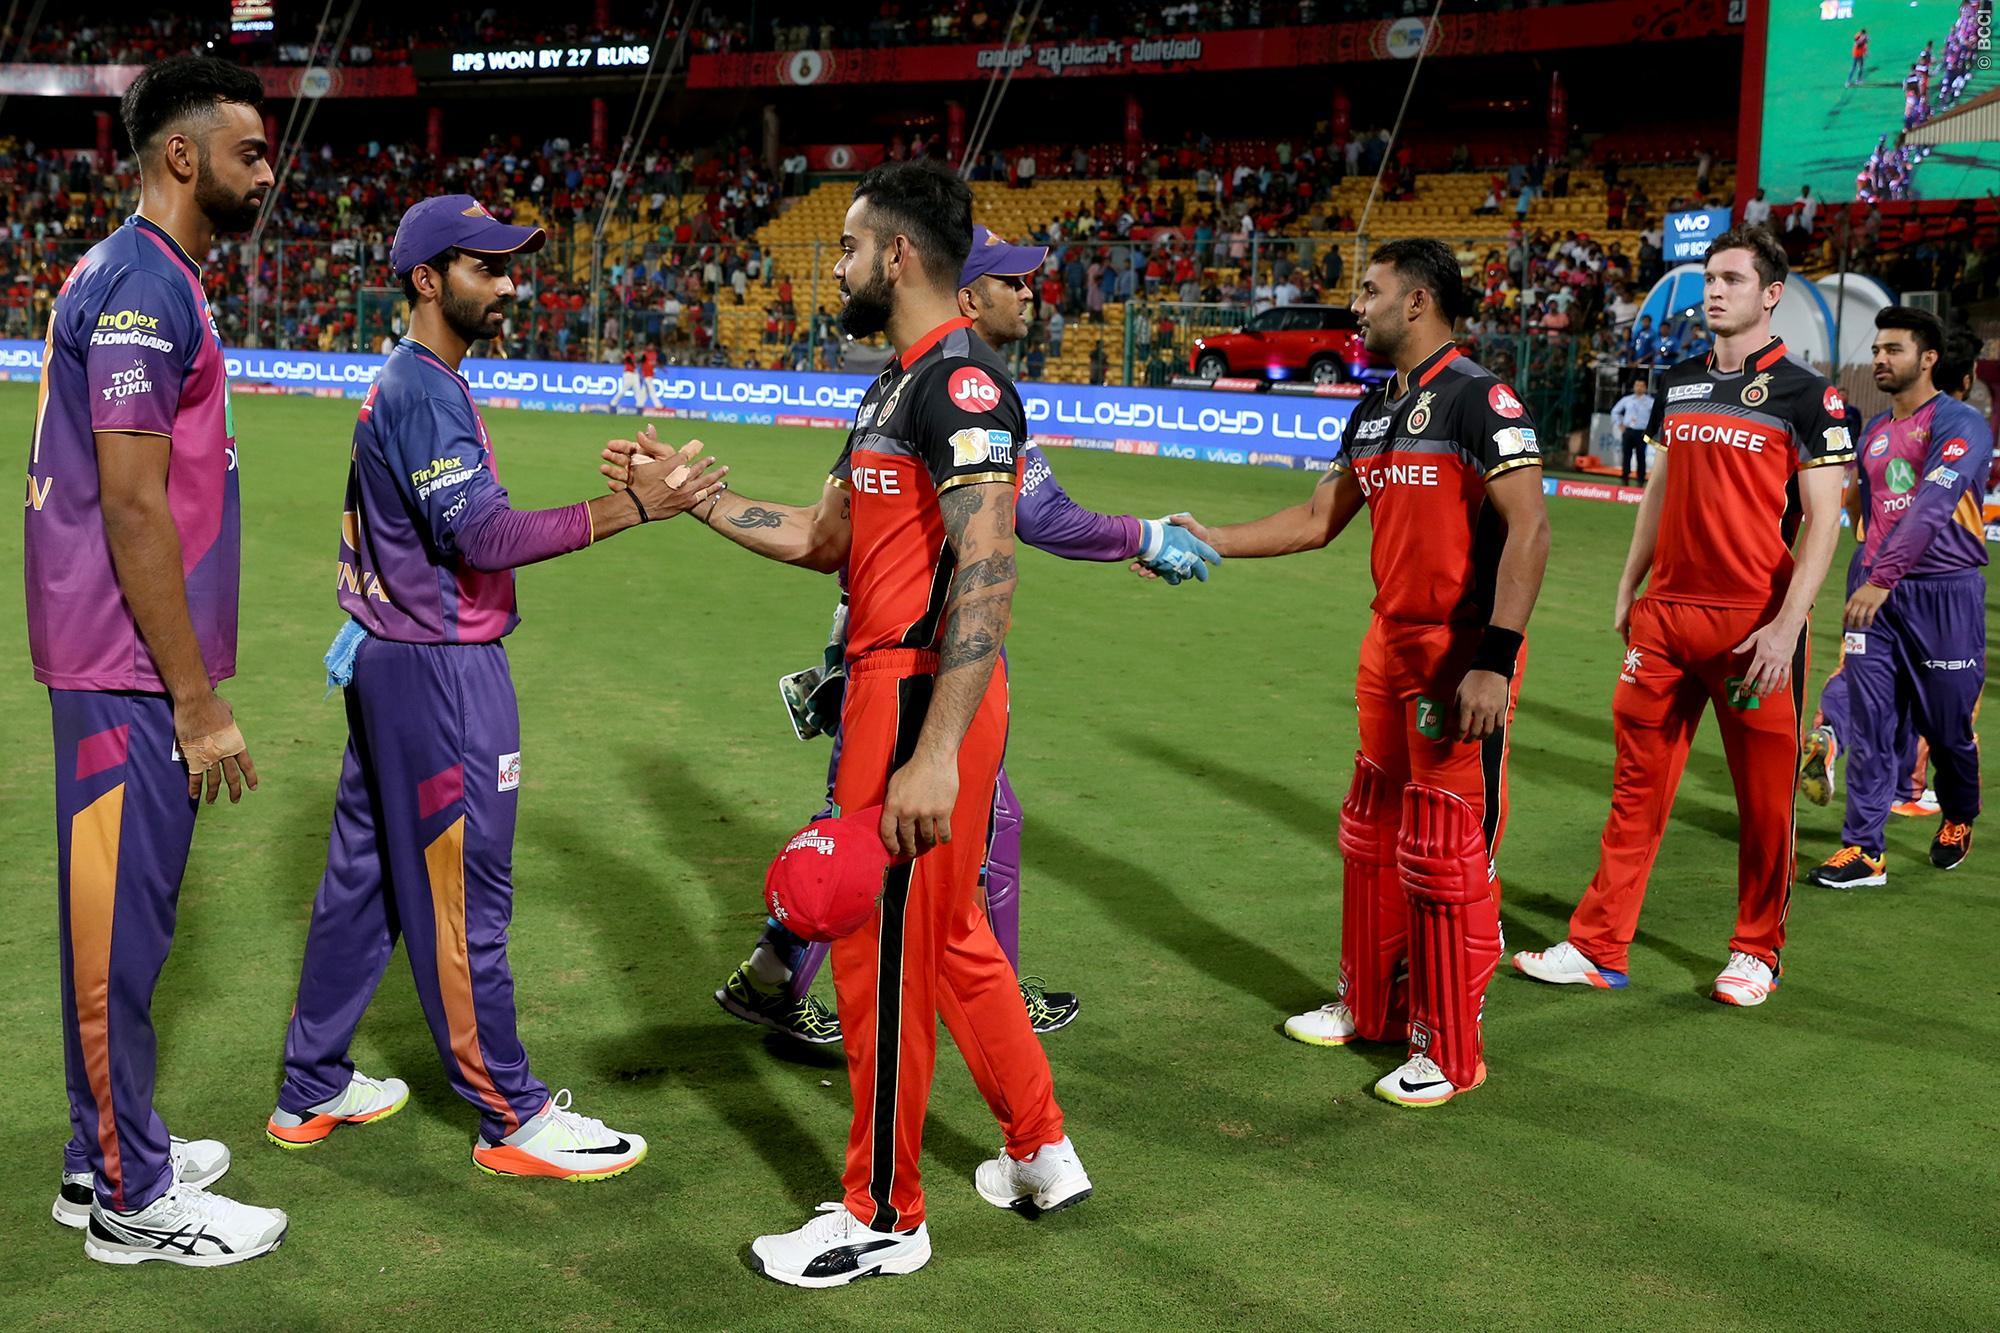 आरसीबी और पुणे के बीच खेले गए मैच में ये थे वो मौके जहाँ बैंगलोर ने गवा दिया मैच 18